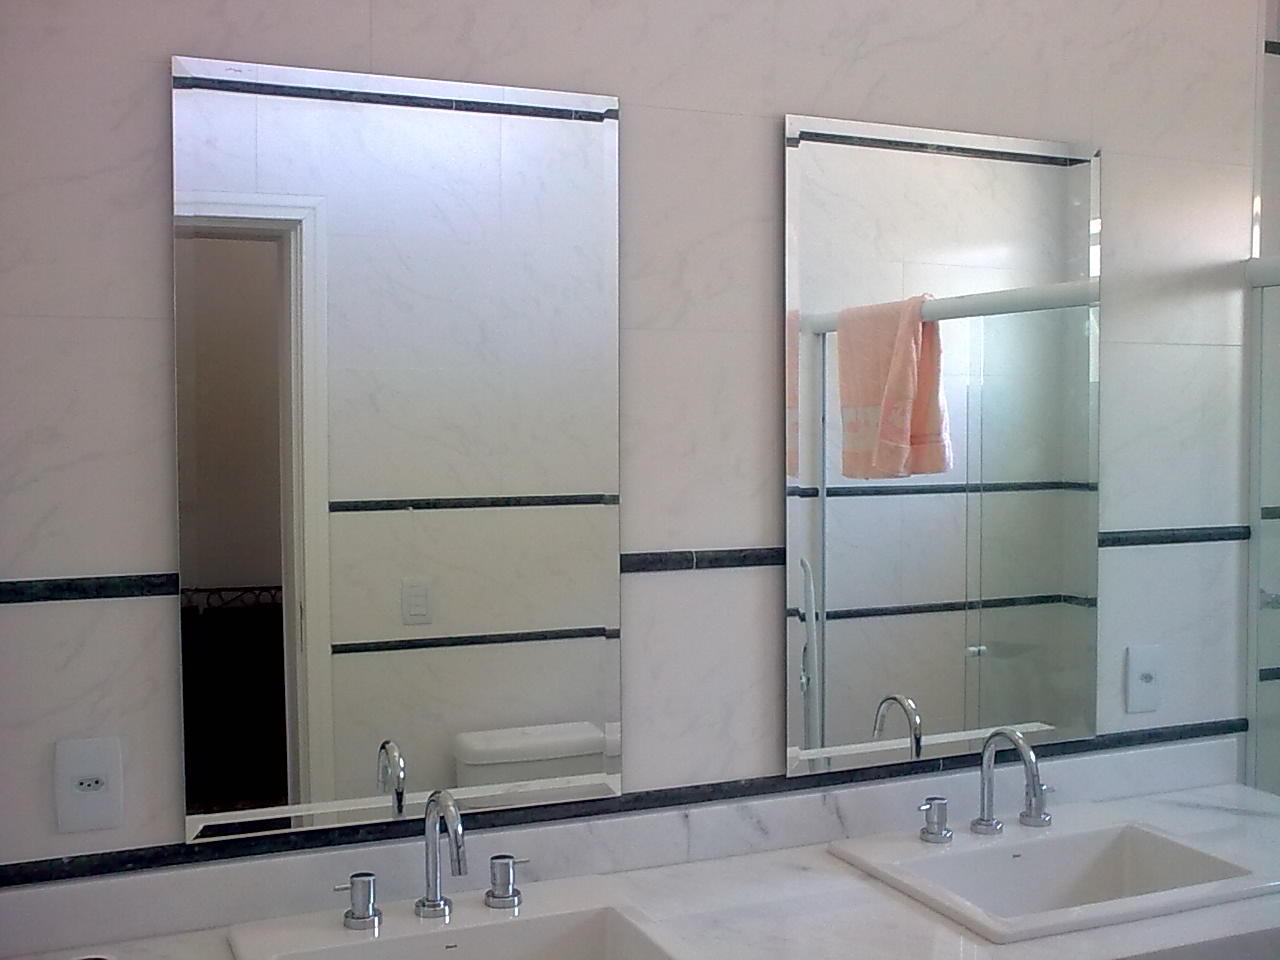 de vidro espelhos box para banheiro e vidros comuns: paineis de #585E73 1280 960